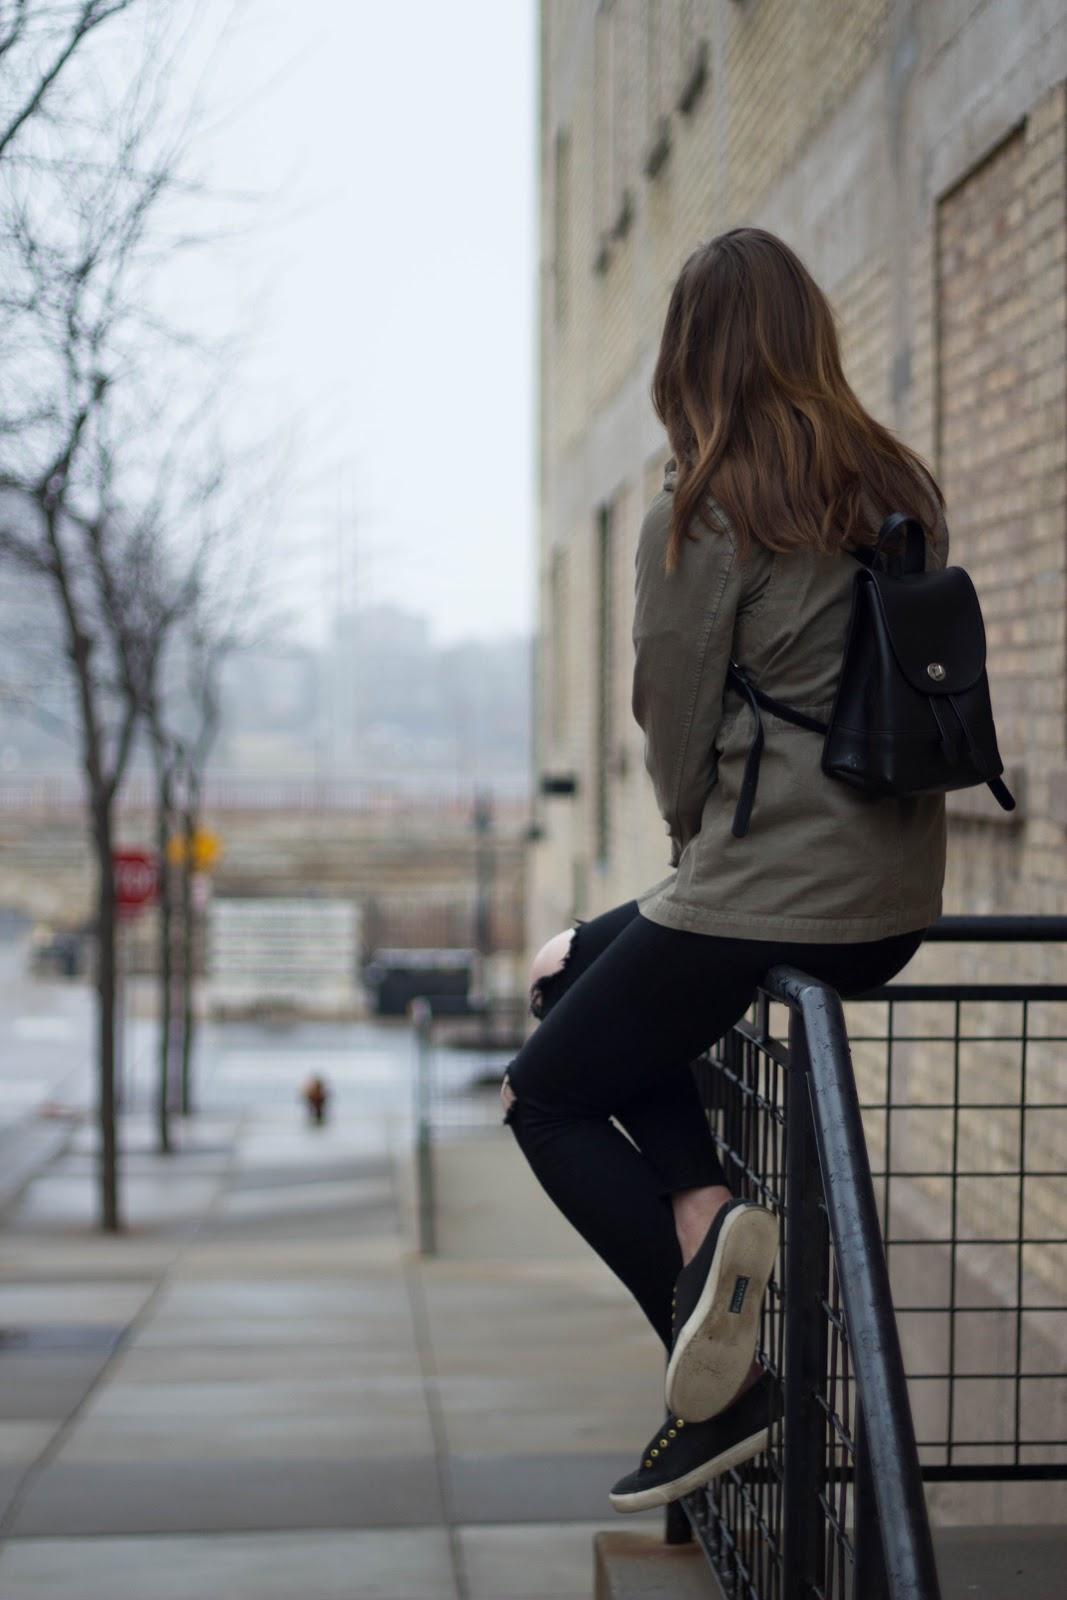 バックパックを背負って階段の手摺に座った女性の後ろ姿